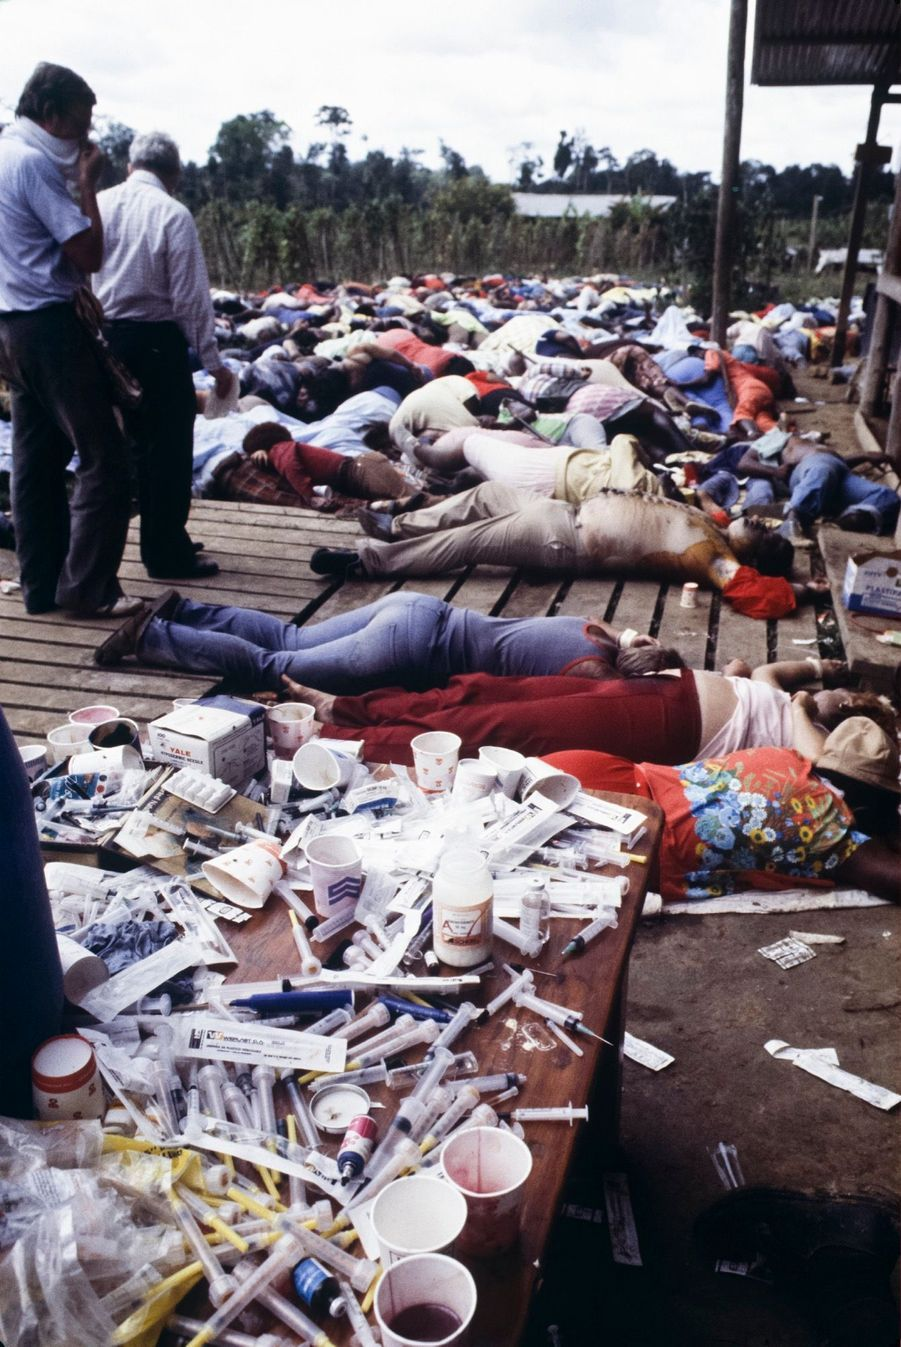 Jonestown, au lendemain du suicide collectif. Au premier plan, les seringues qui ont empoisonné ceux refusant de se donner la mort.